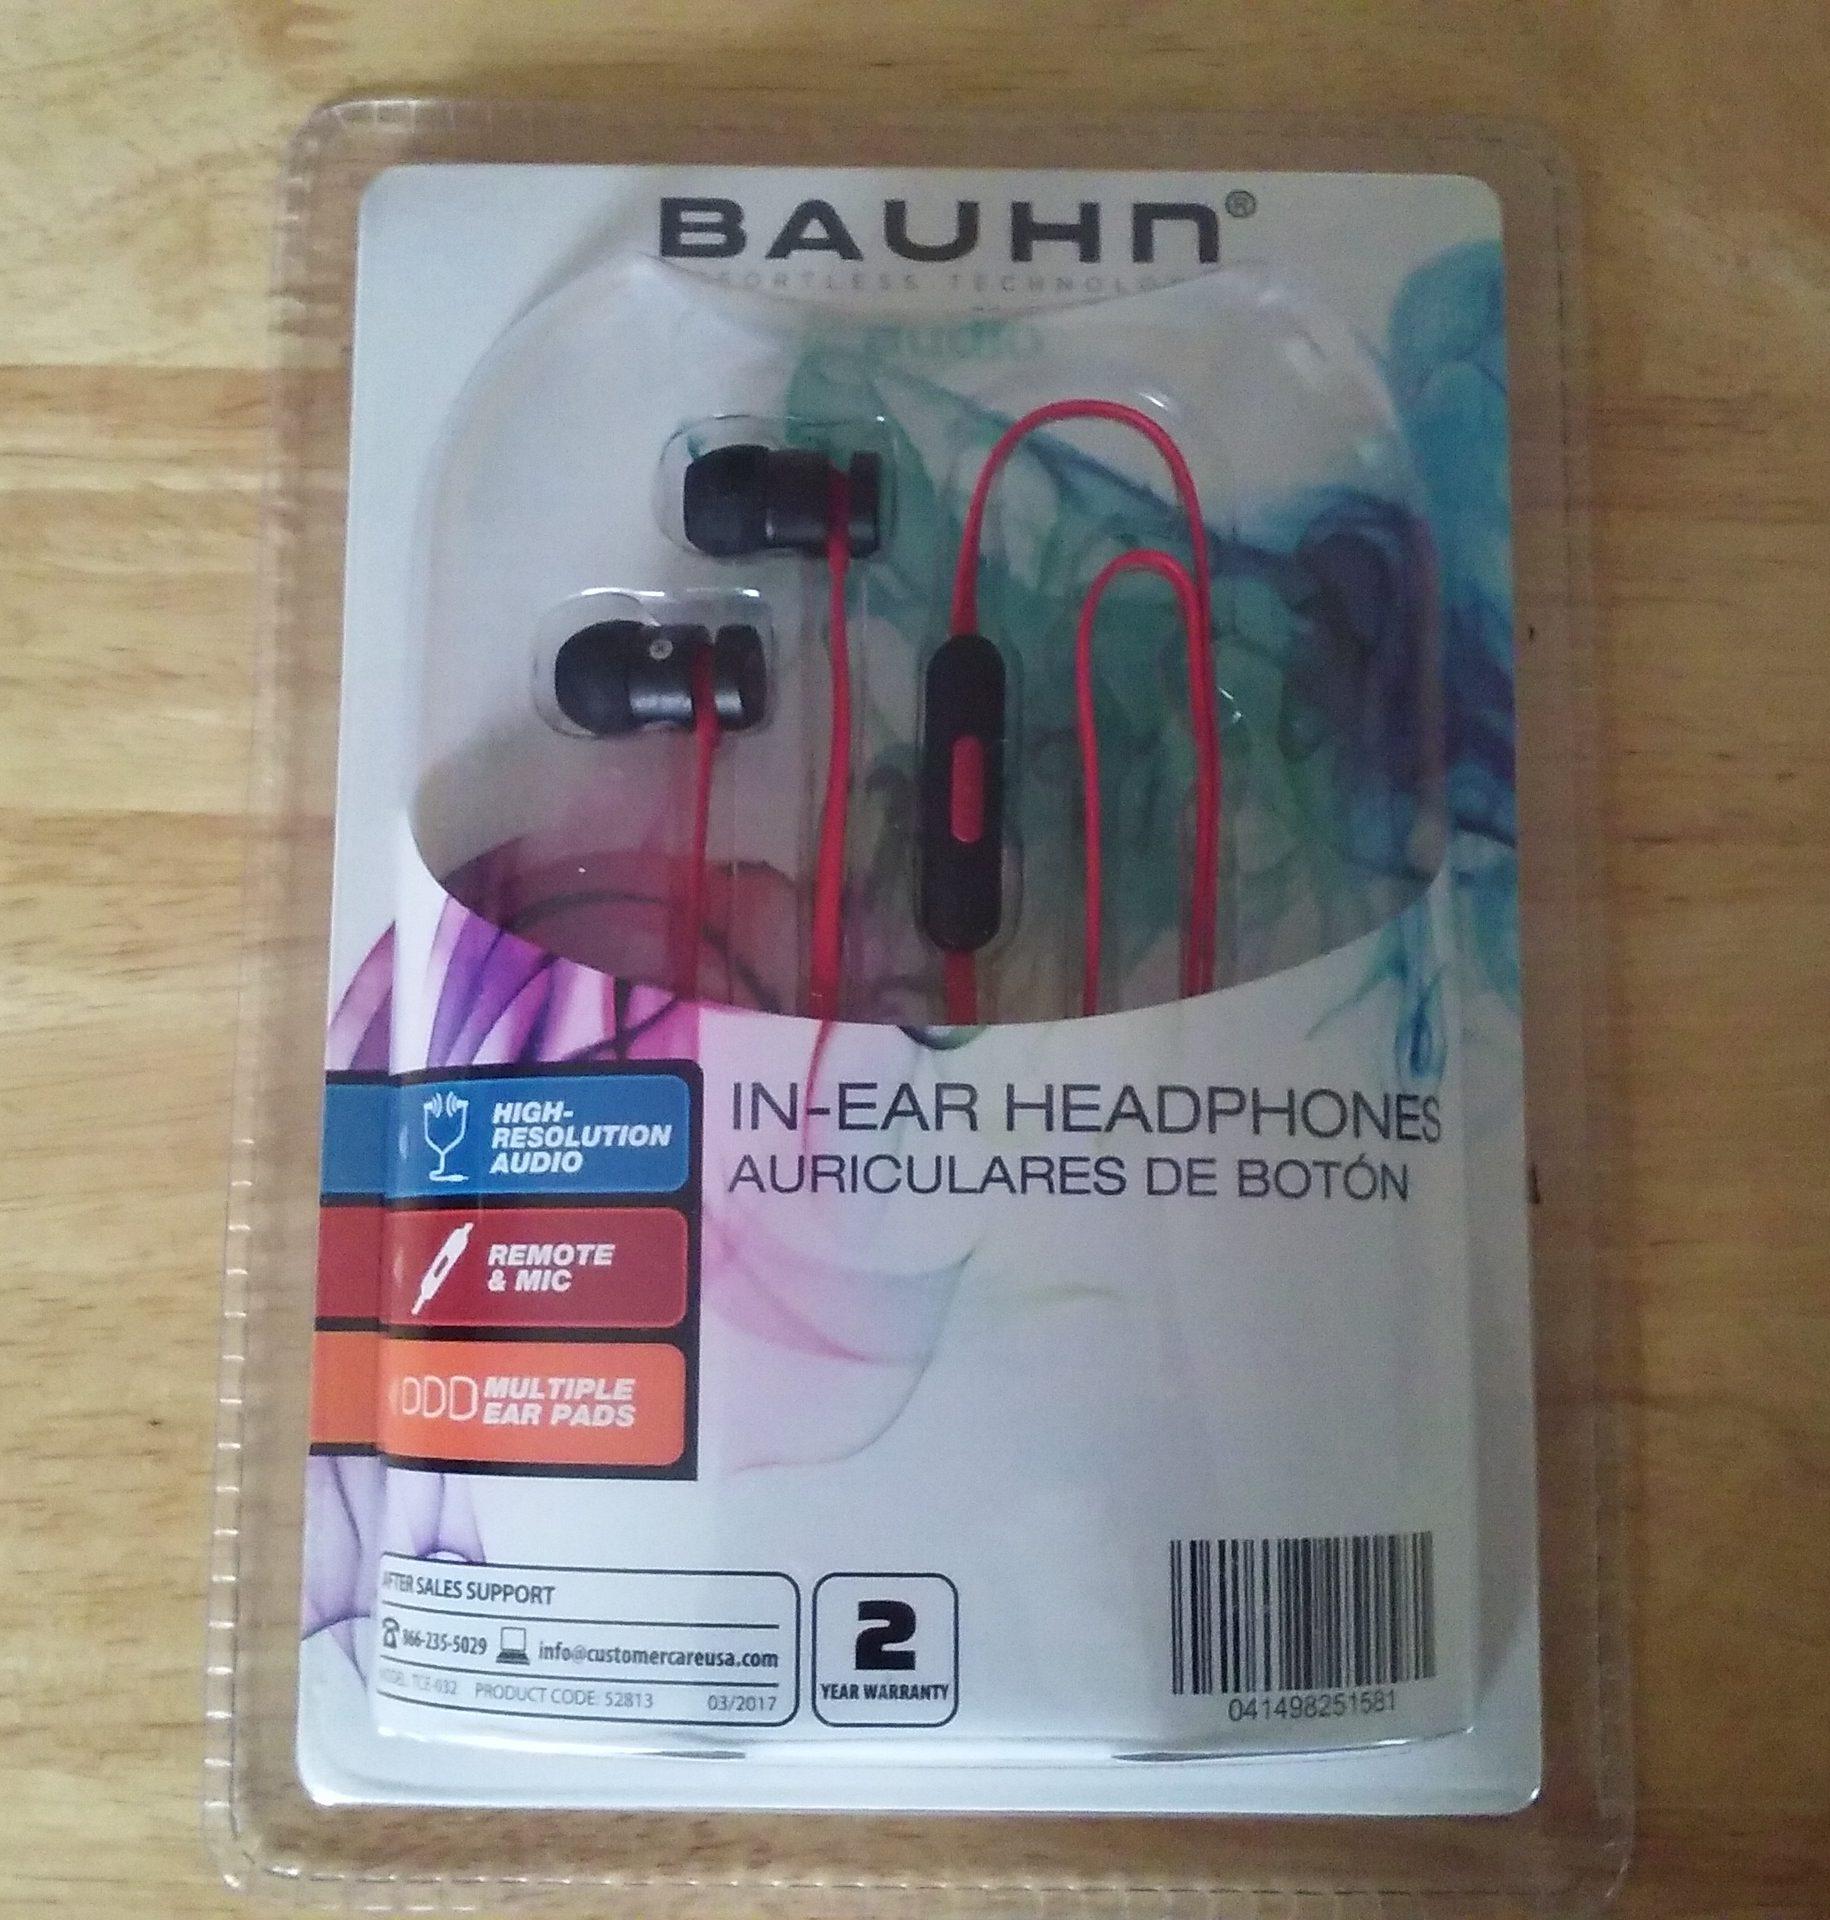 7a4e59faf99 Bauhn In-Ear Headphones | ALDI REVIEWER